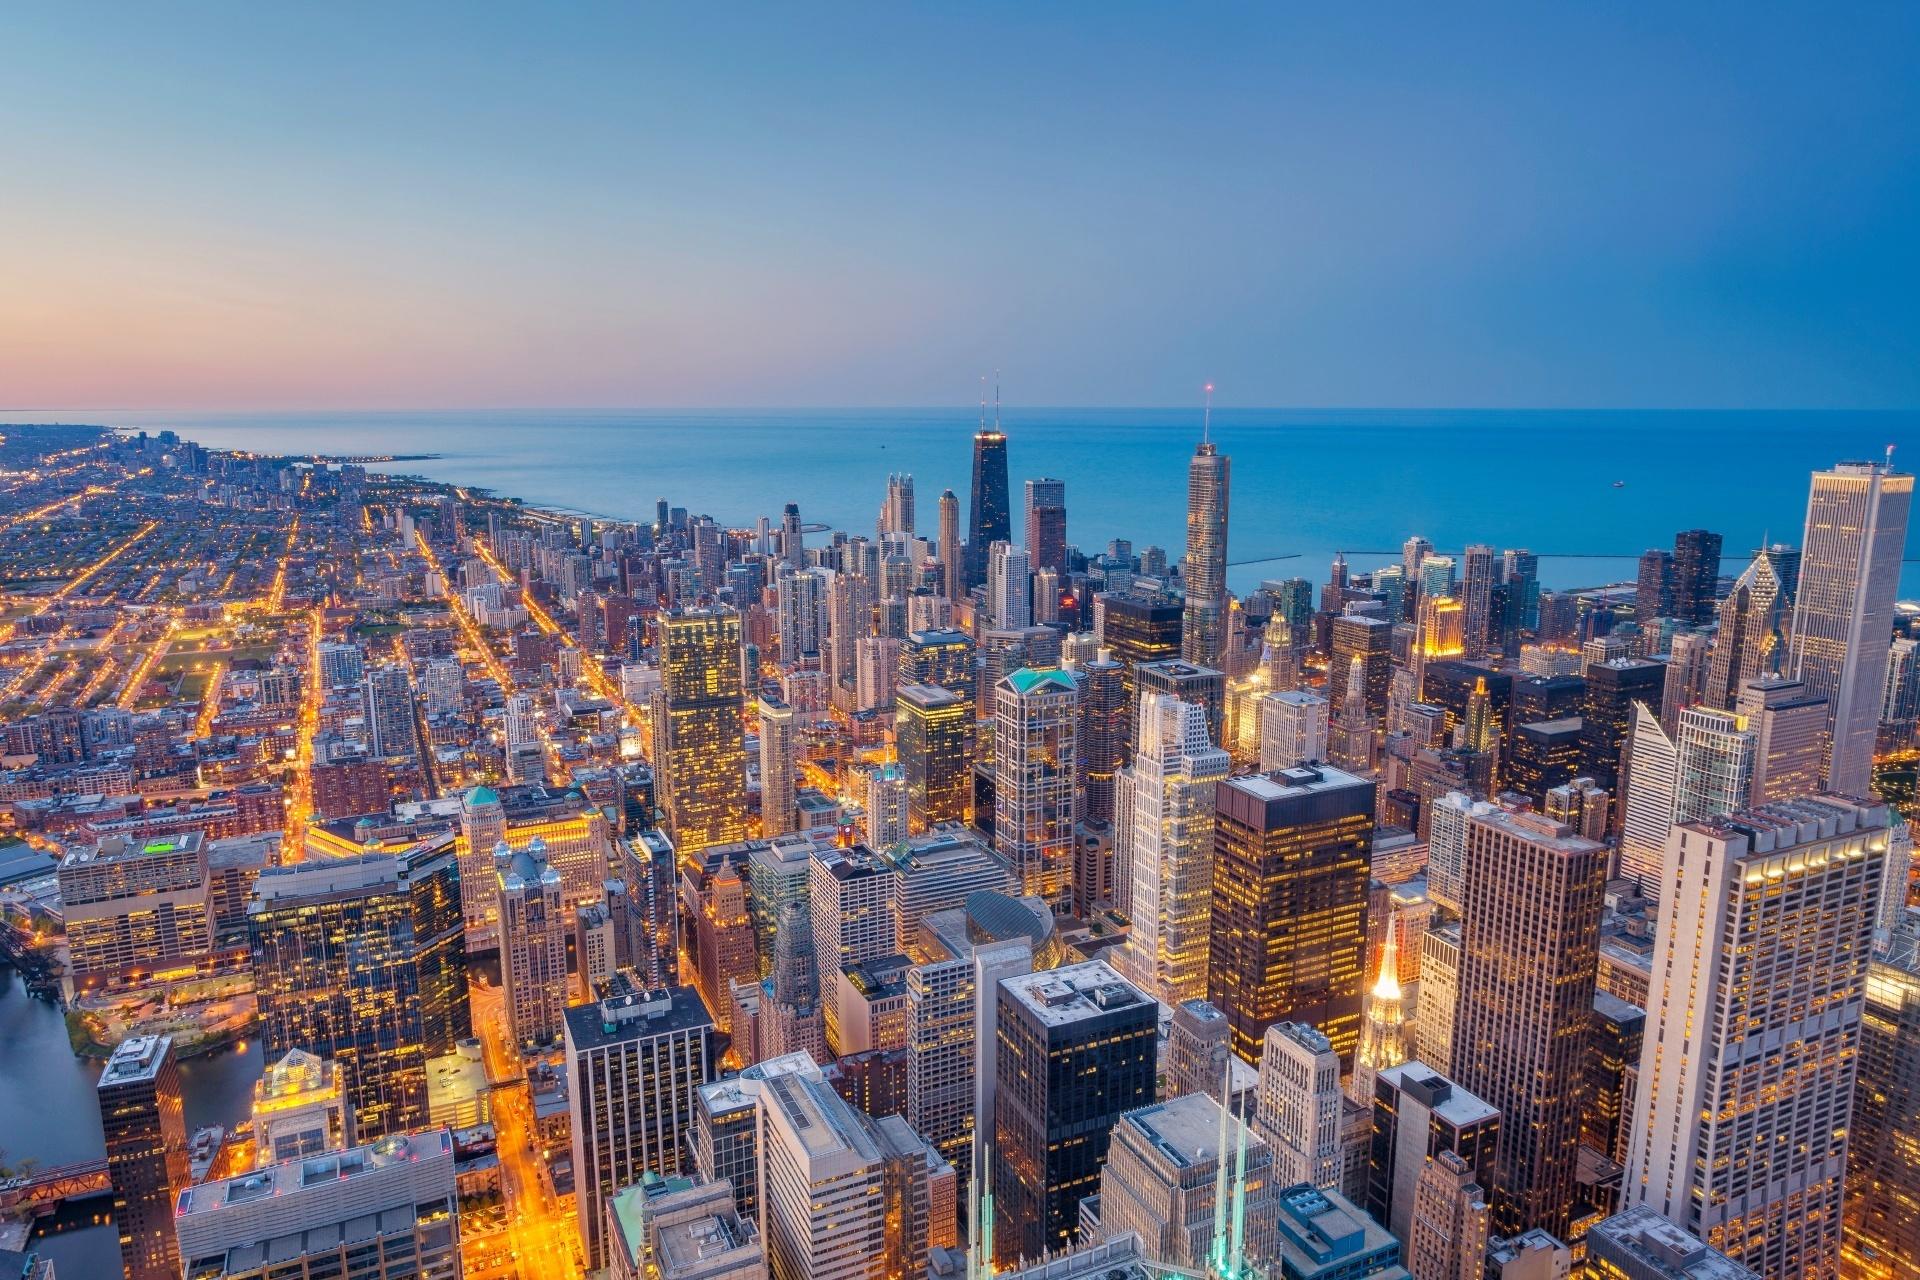 夕暮れのシカゴ ダウンタウンの風景 アメリカの風景